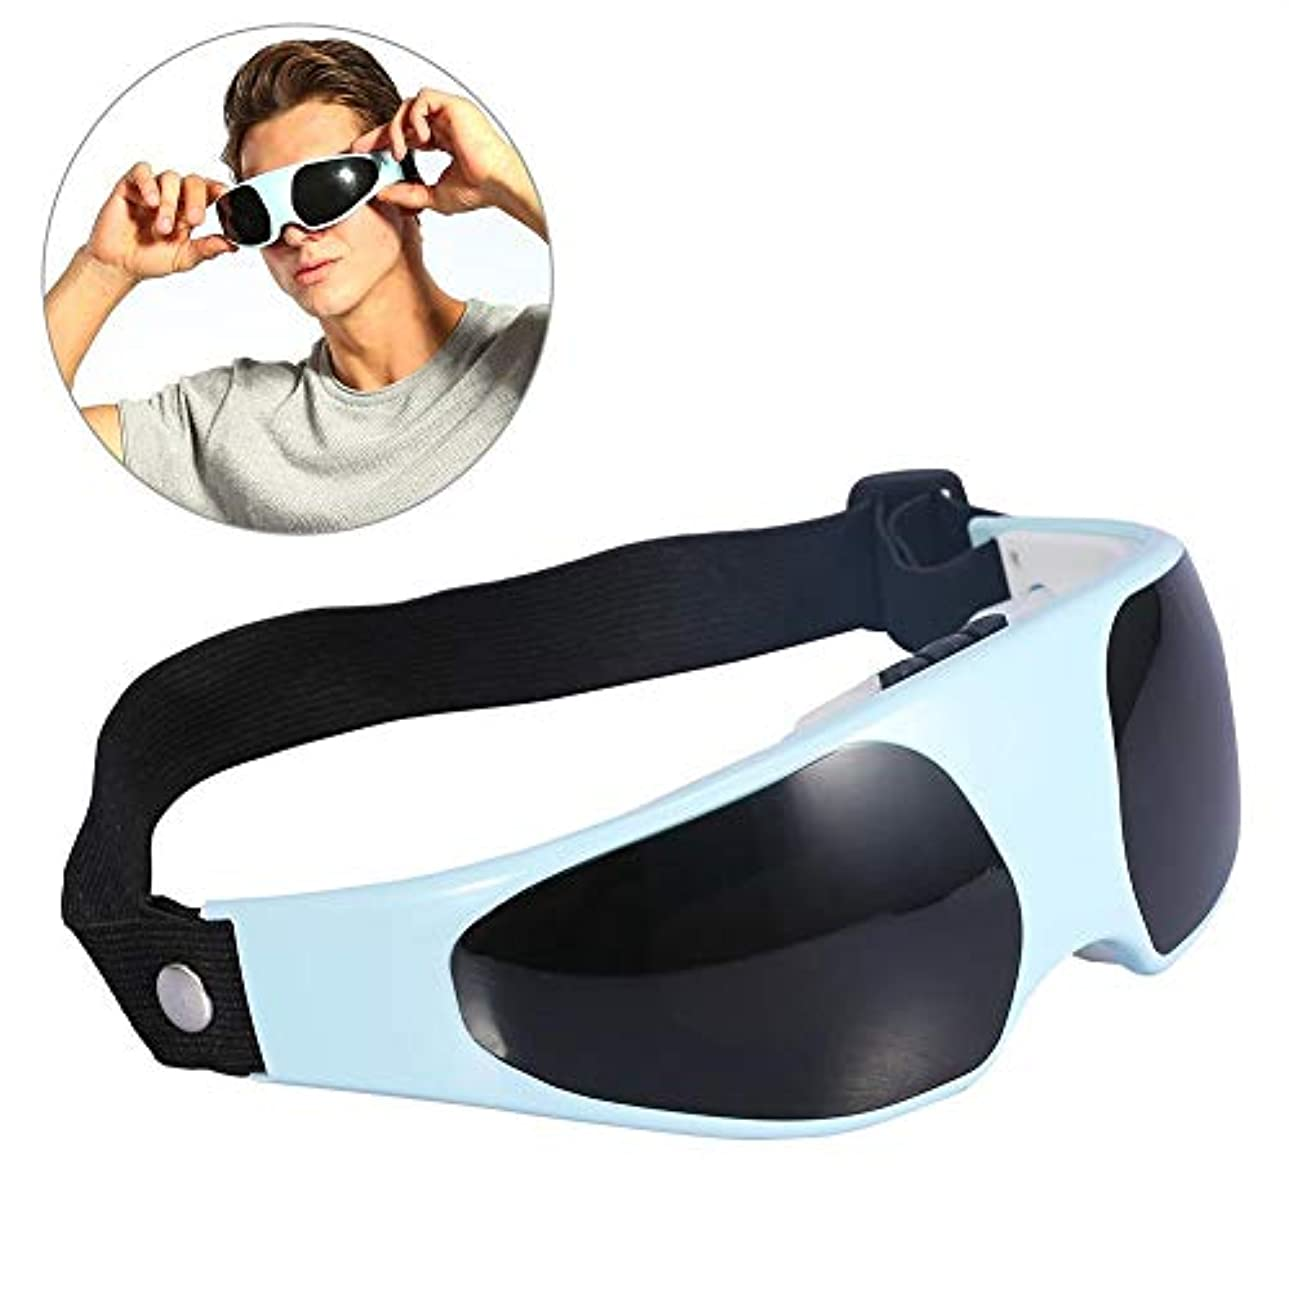 さらにレスリング裏切りアイマッサージャー、コードレス電動アイマスクマッサージ新しい便利なエレクトリックリリーフ疲労ヘルシー片頭痛マスク額アイマッサージャーヘルスケア